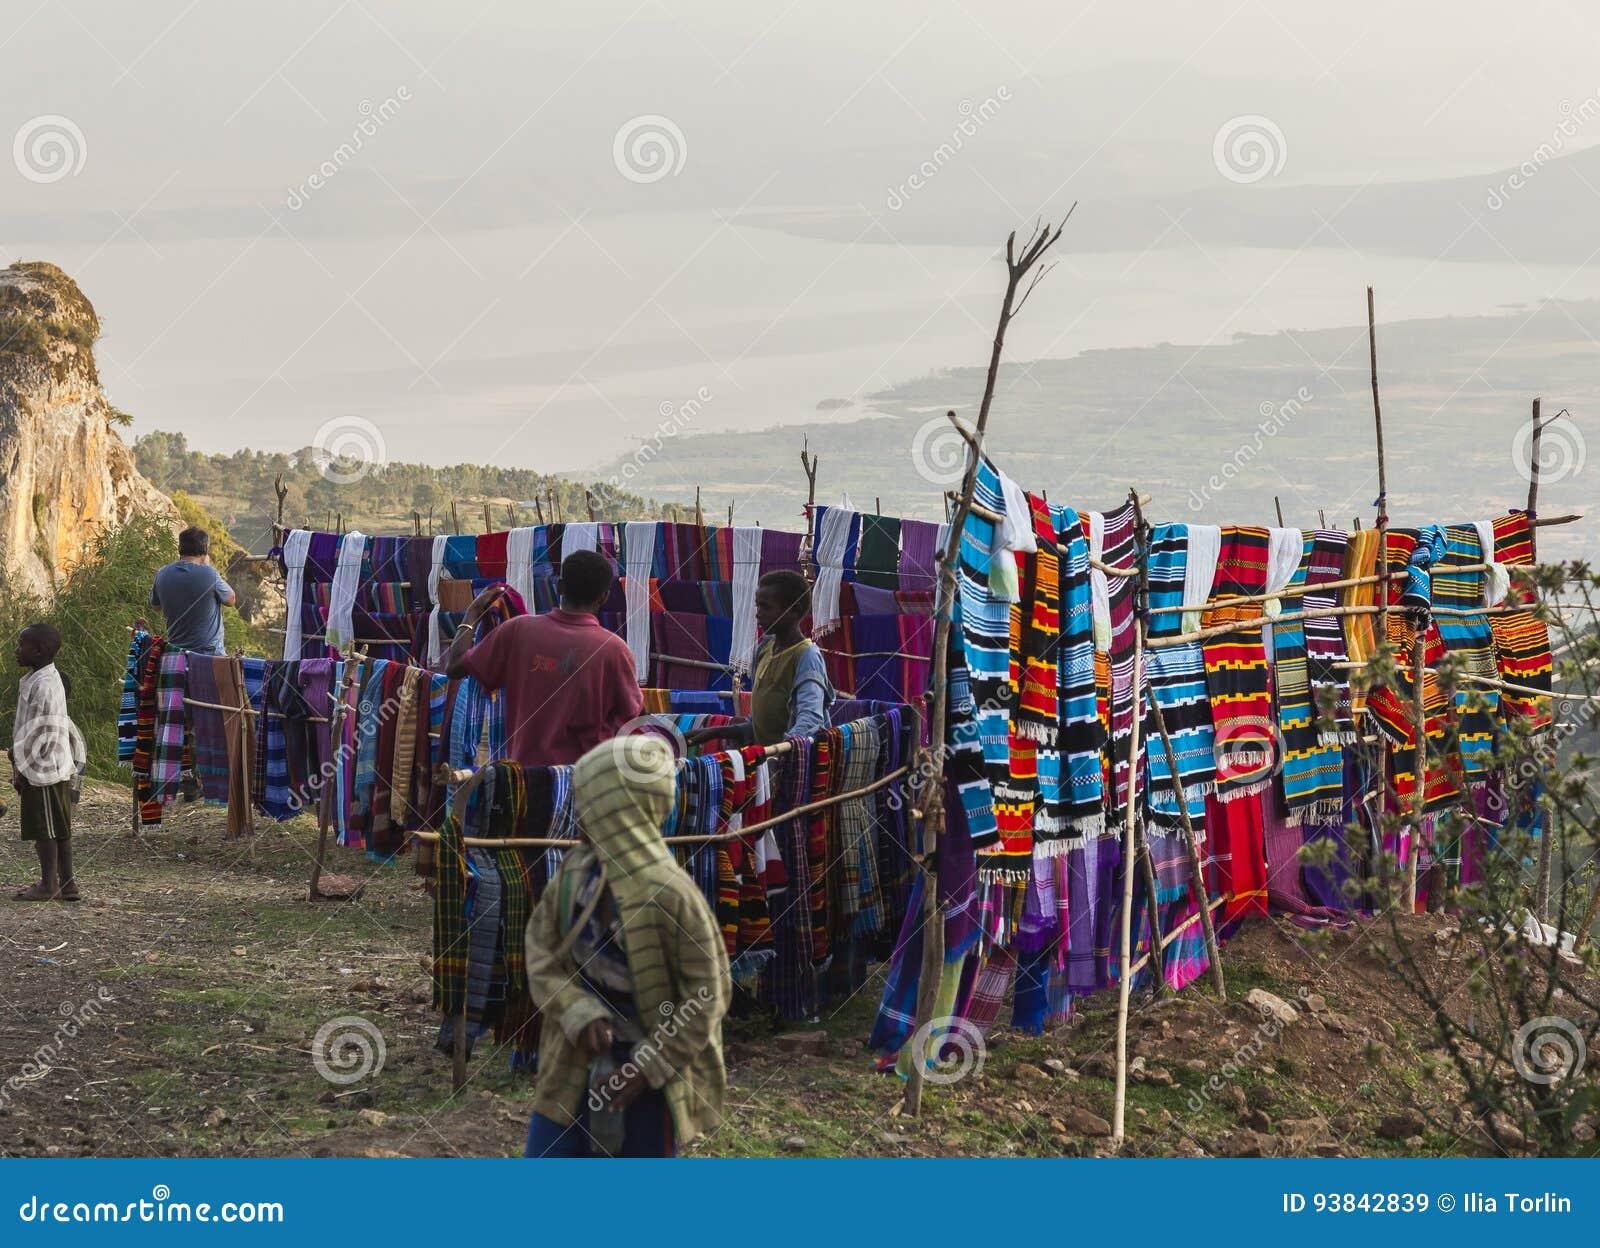 Gente en el mercado tradicional de Dorze Pueblo de Hayzo Dorze Etíope